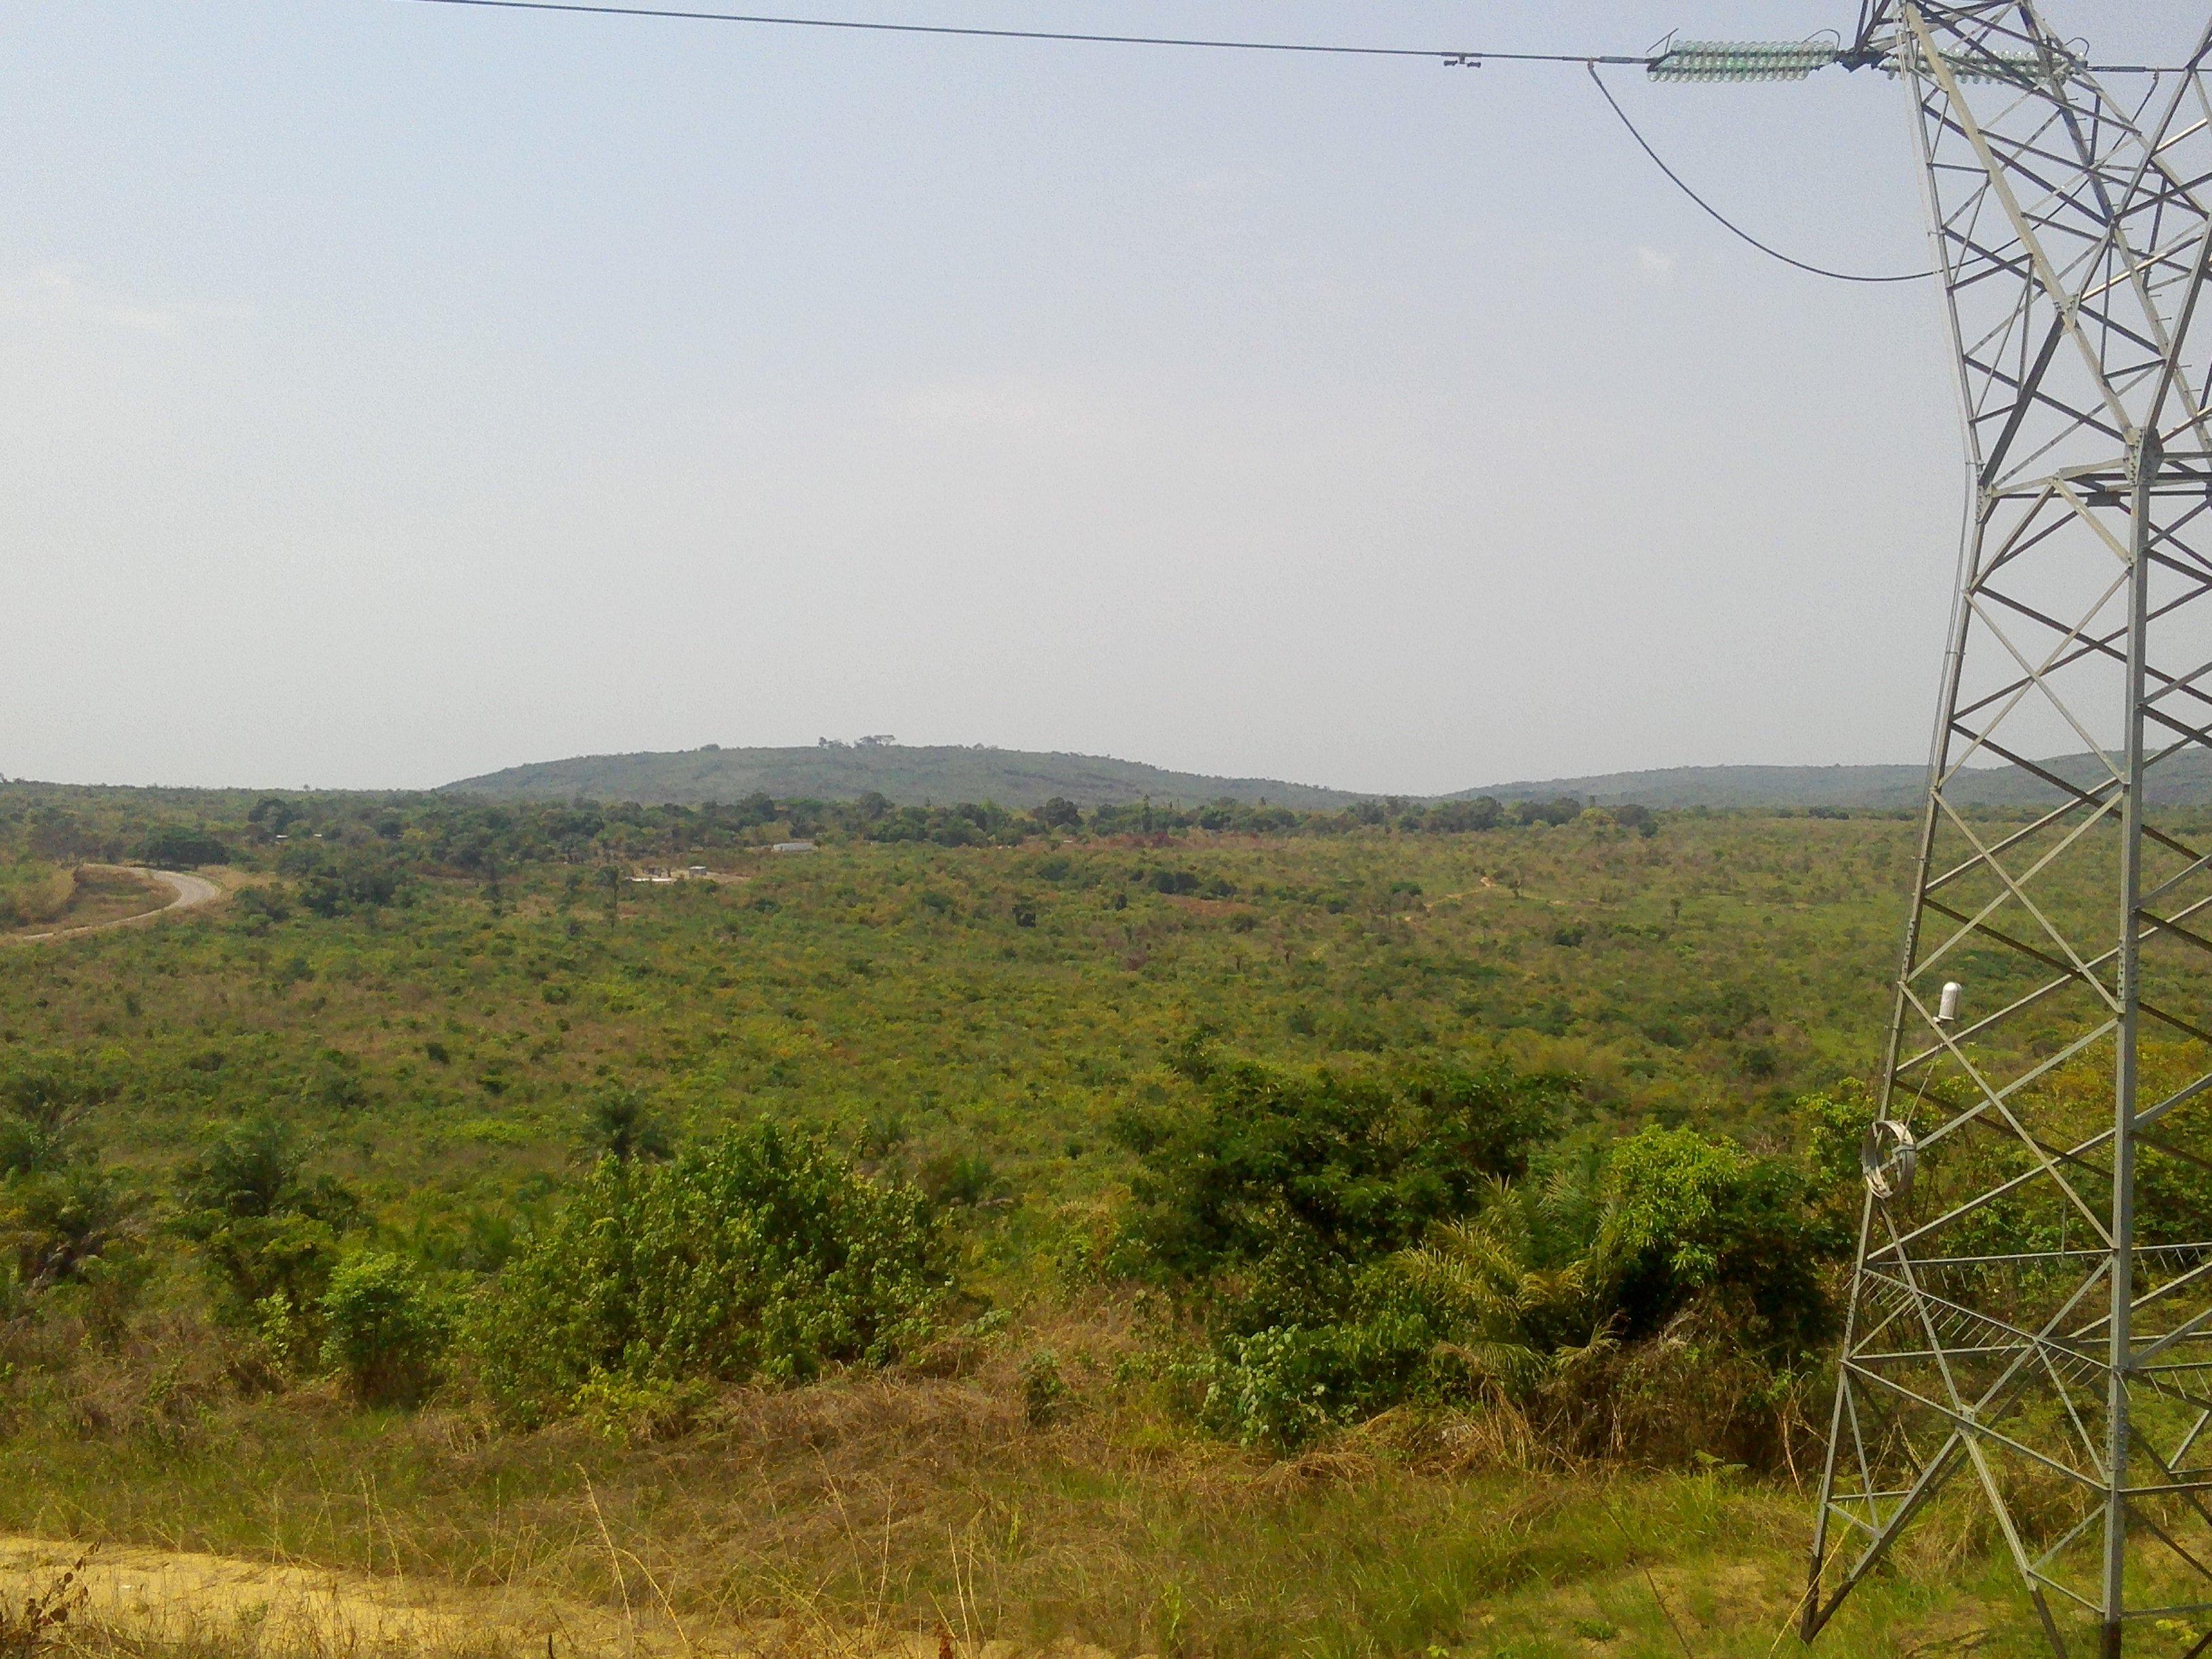 Les forêts de la partie australe du Congo Brazzaville, environ 4 millions d'hectares, sont frappées de plein fouet par des pratiques illégales d'exploitation de bois, du fait des opérateurs industriels ou artisanaux, formels ou informels véreux.